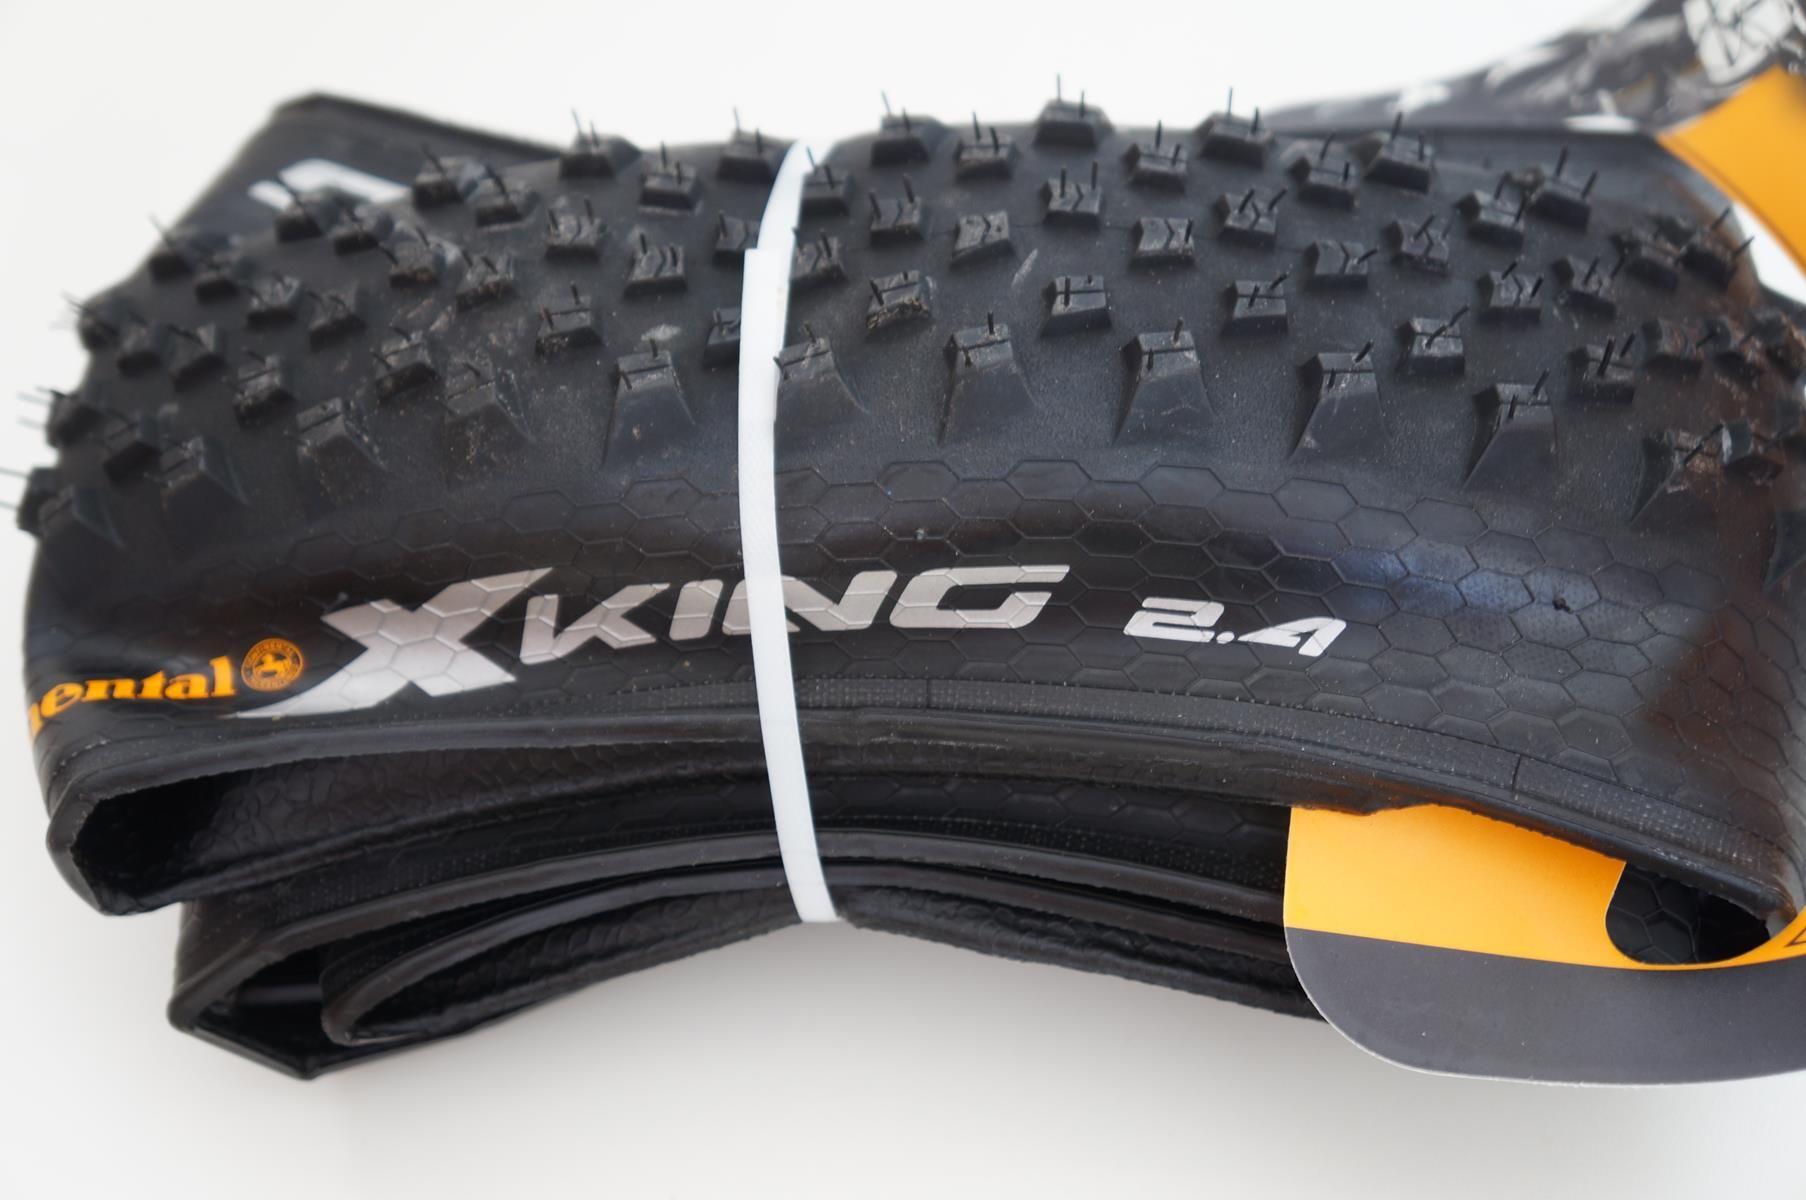 Pneu MTB Continental X-king Performance 27,5 2.4 Kevlar Preto